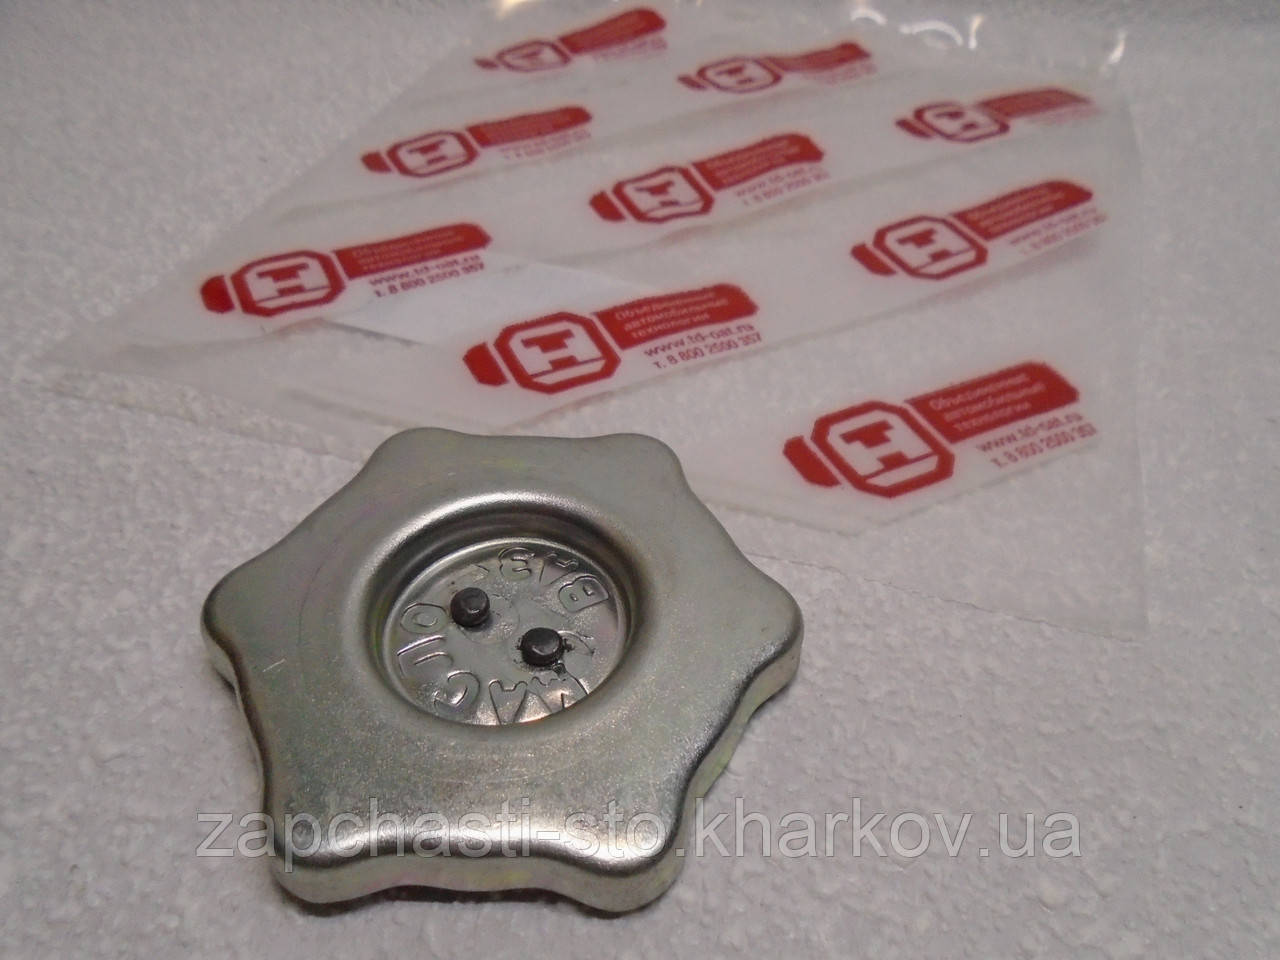 Крышка маслозаливной горловины ВАЗ 2101-2108-2110